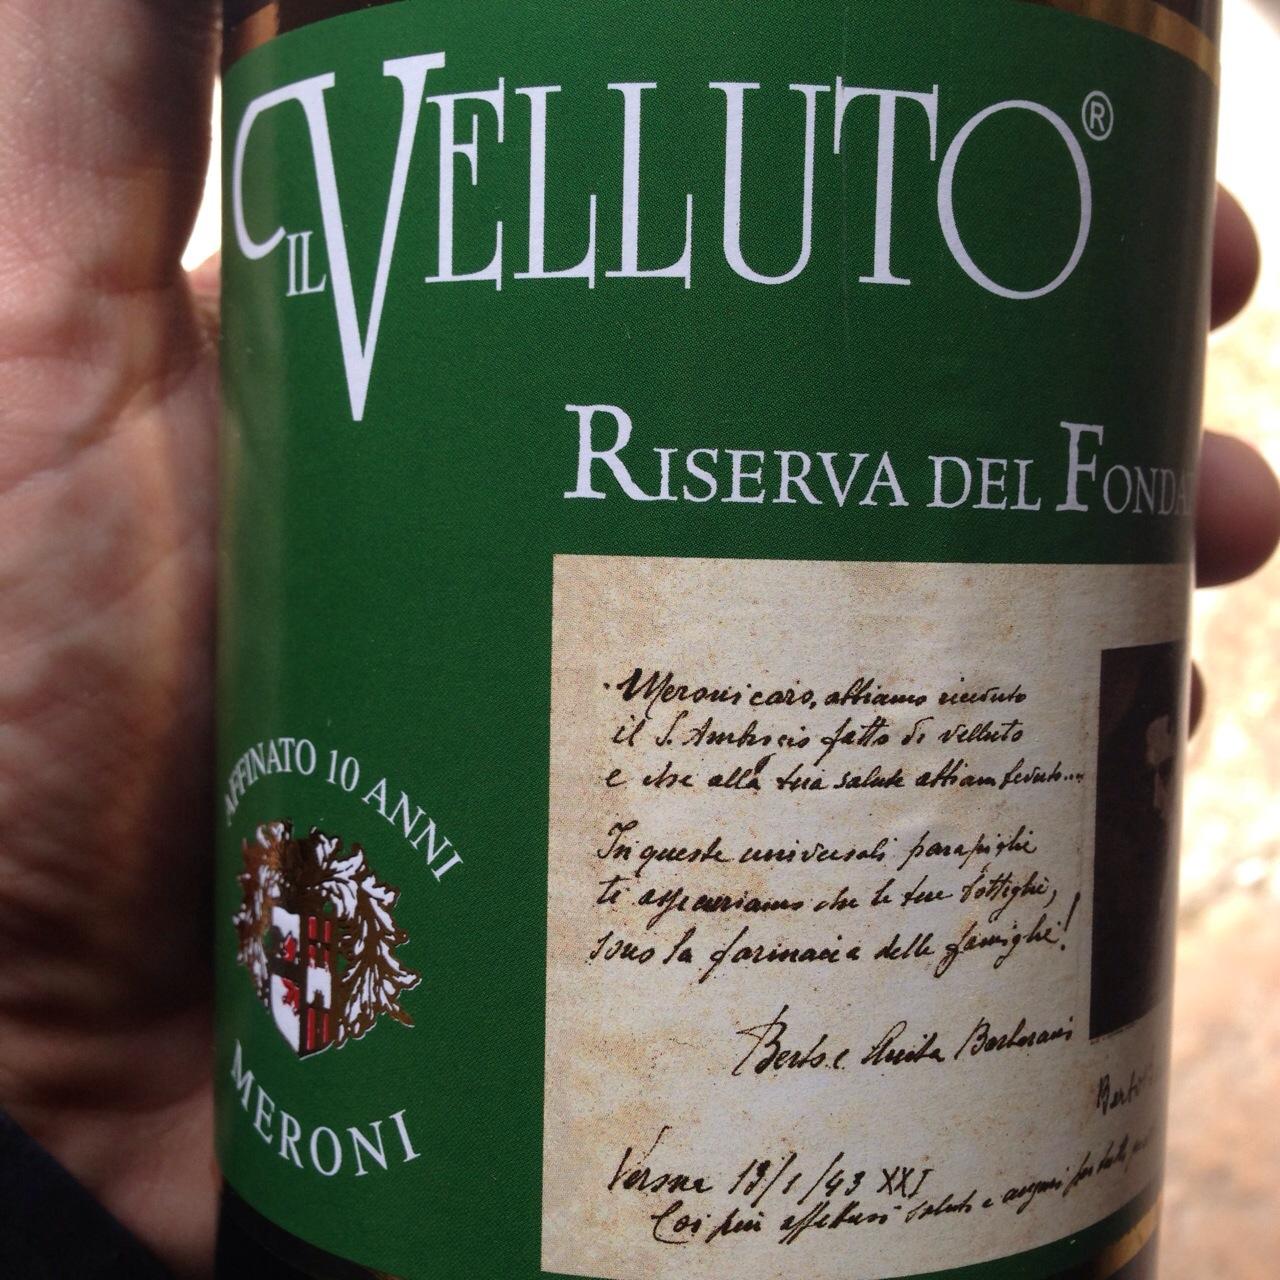 Meroni Amarone Il Velluto Ris Fondatore2003.JPG